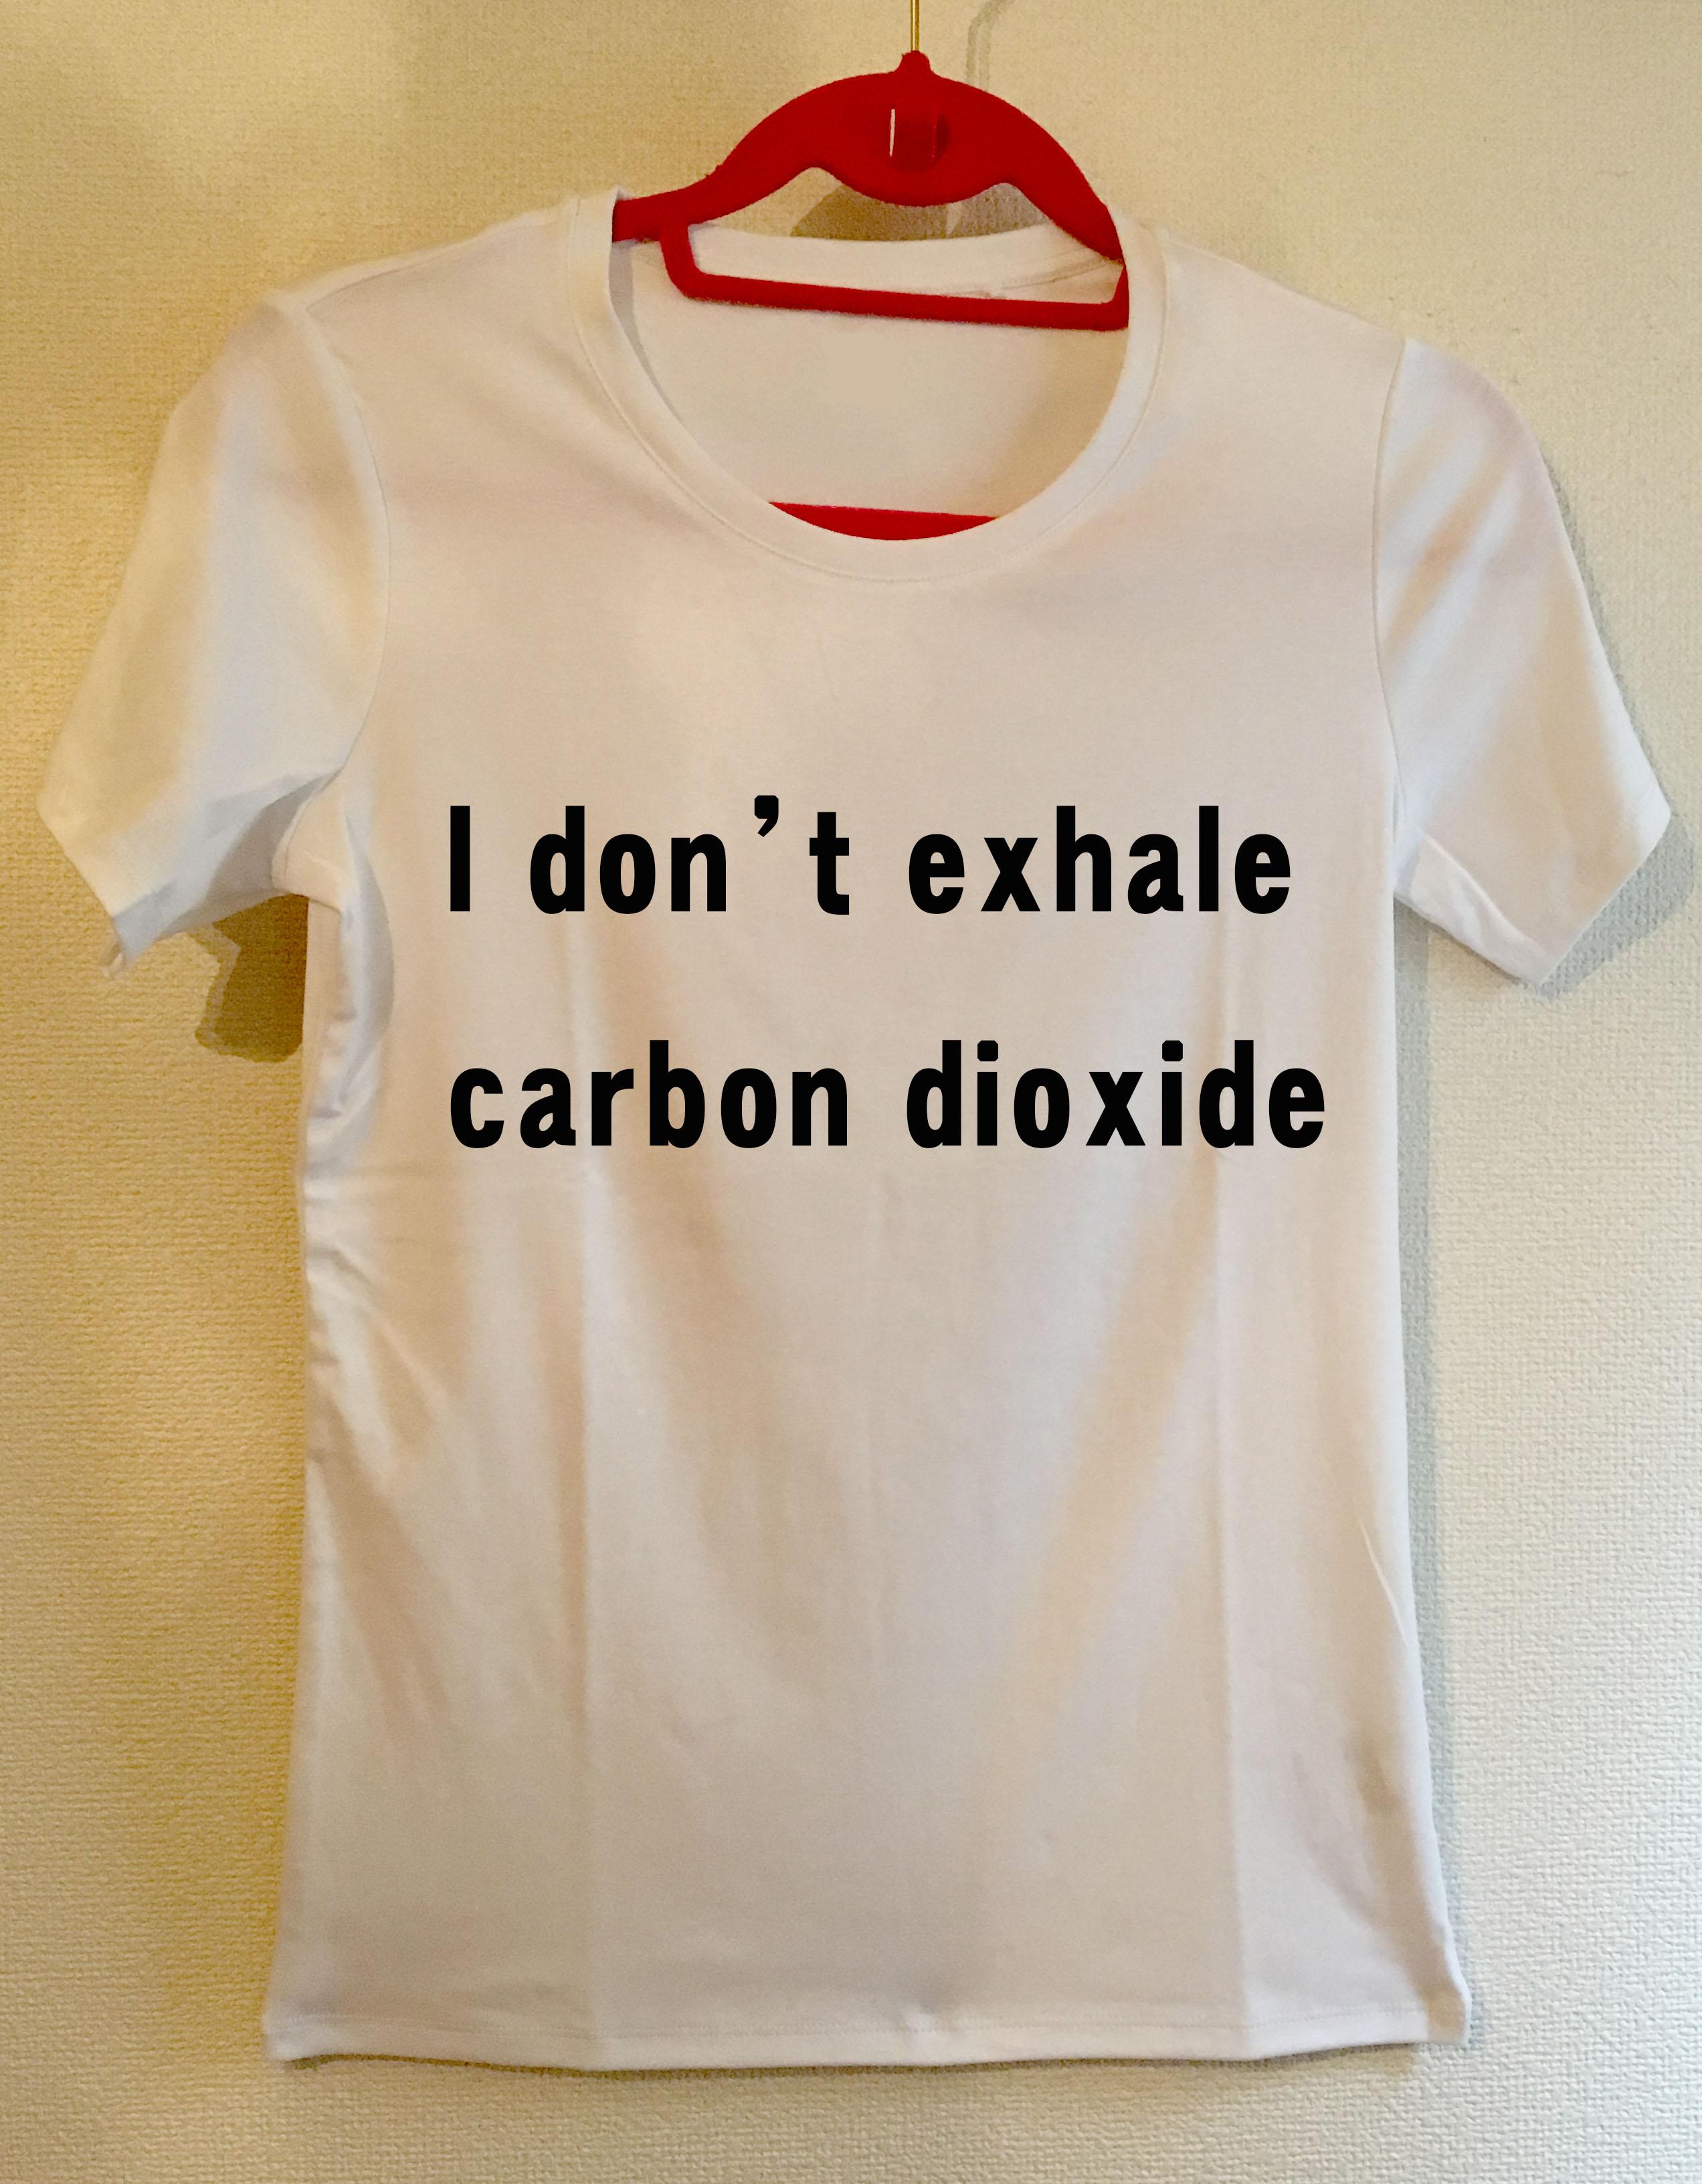 変な日本語でも「英語Tシャツ」にしたらおしゃれになるのか - ameba